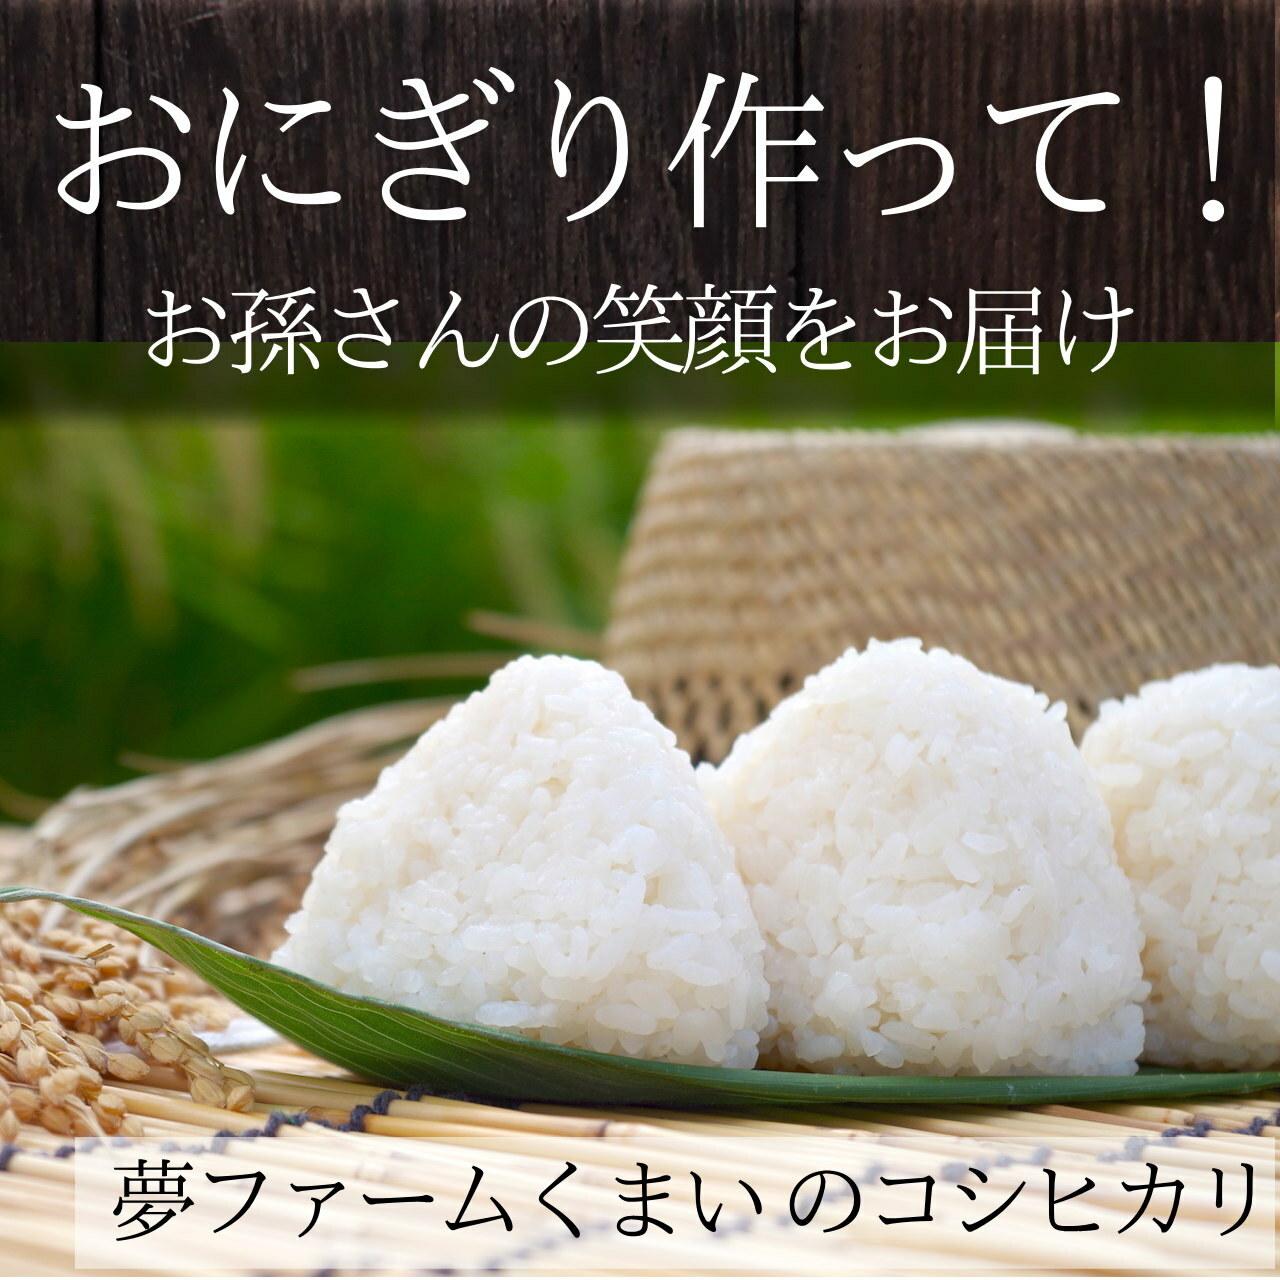 キロ 10 お 安い 米